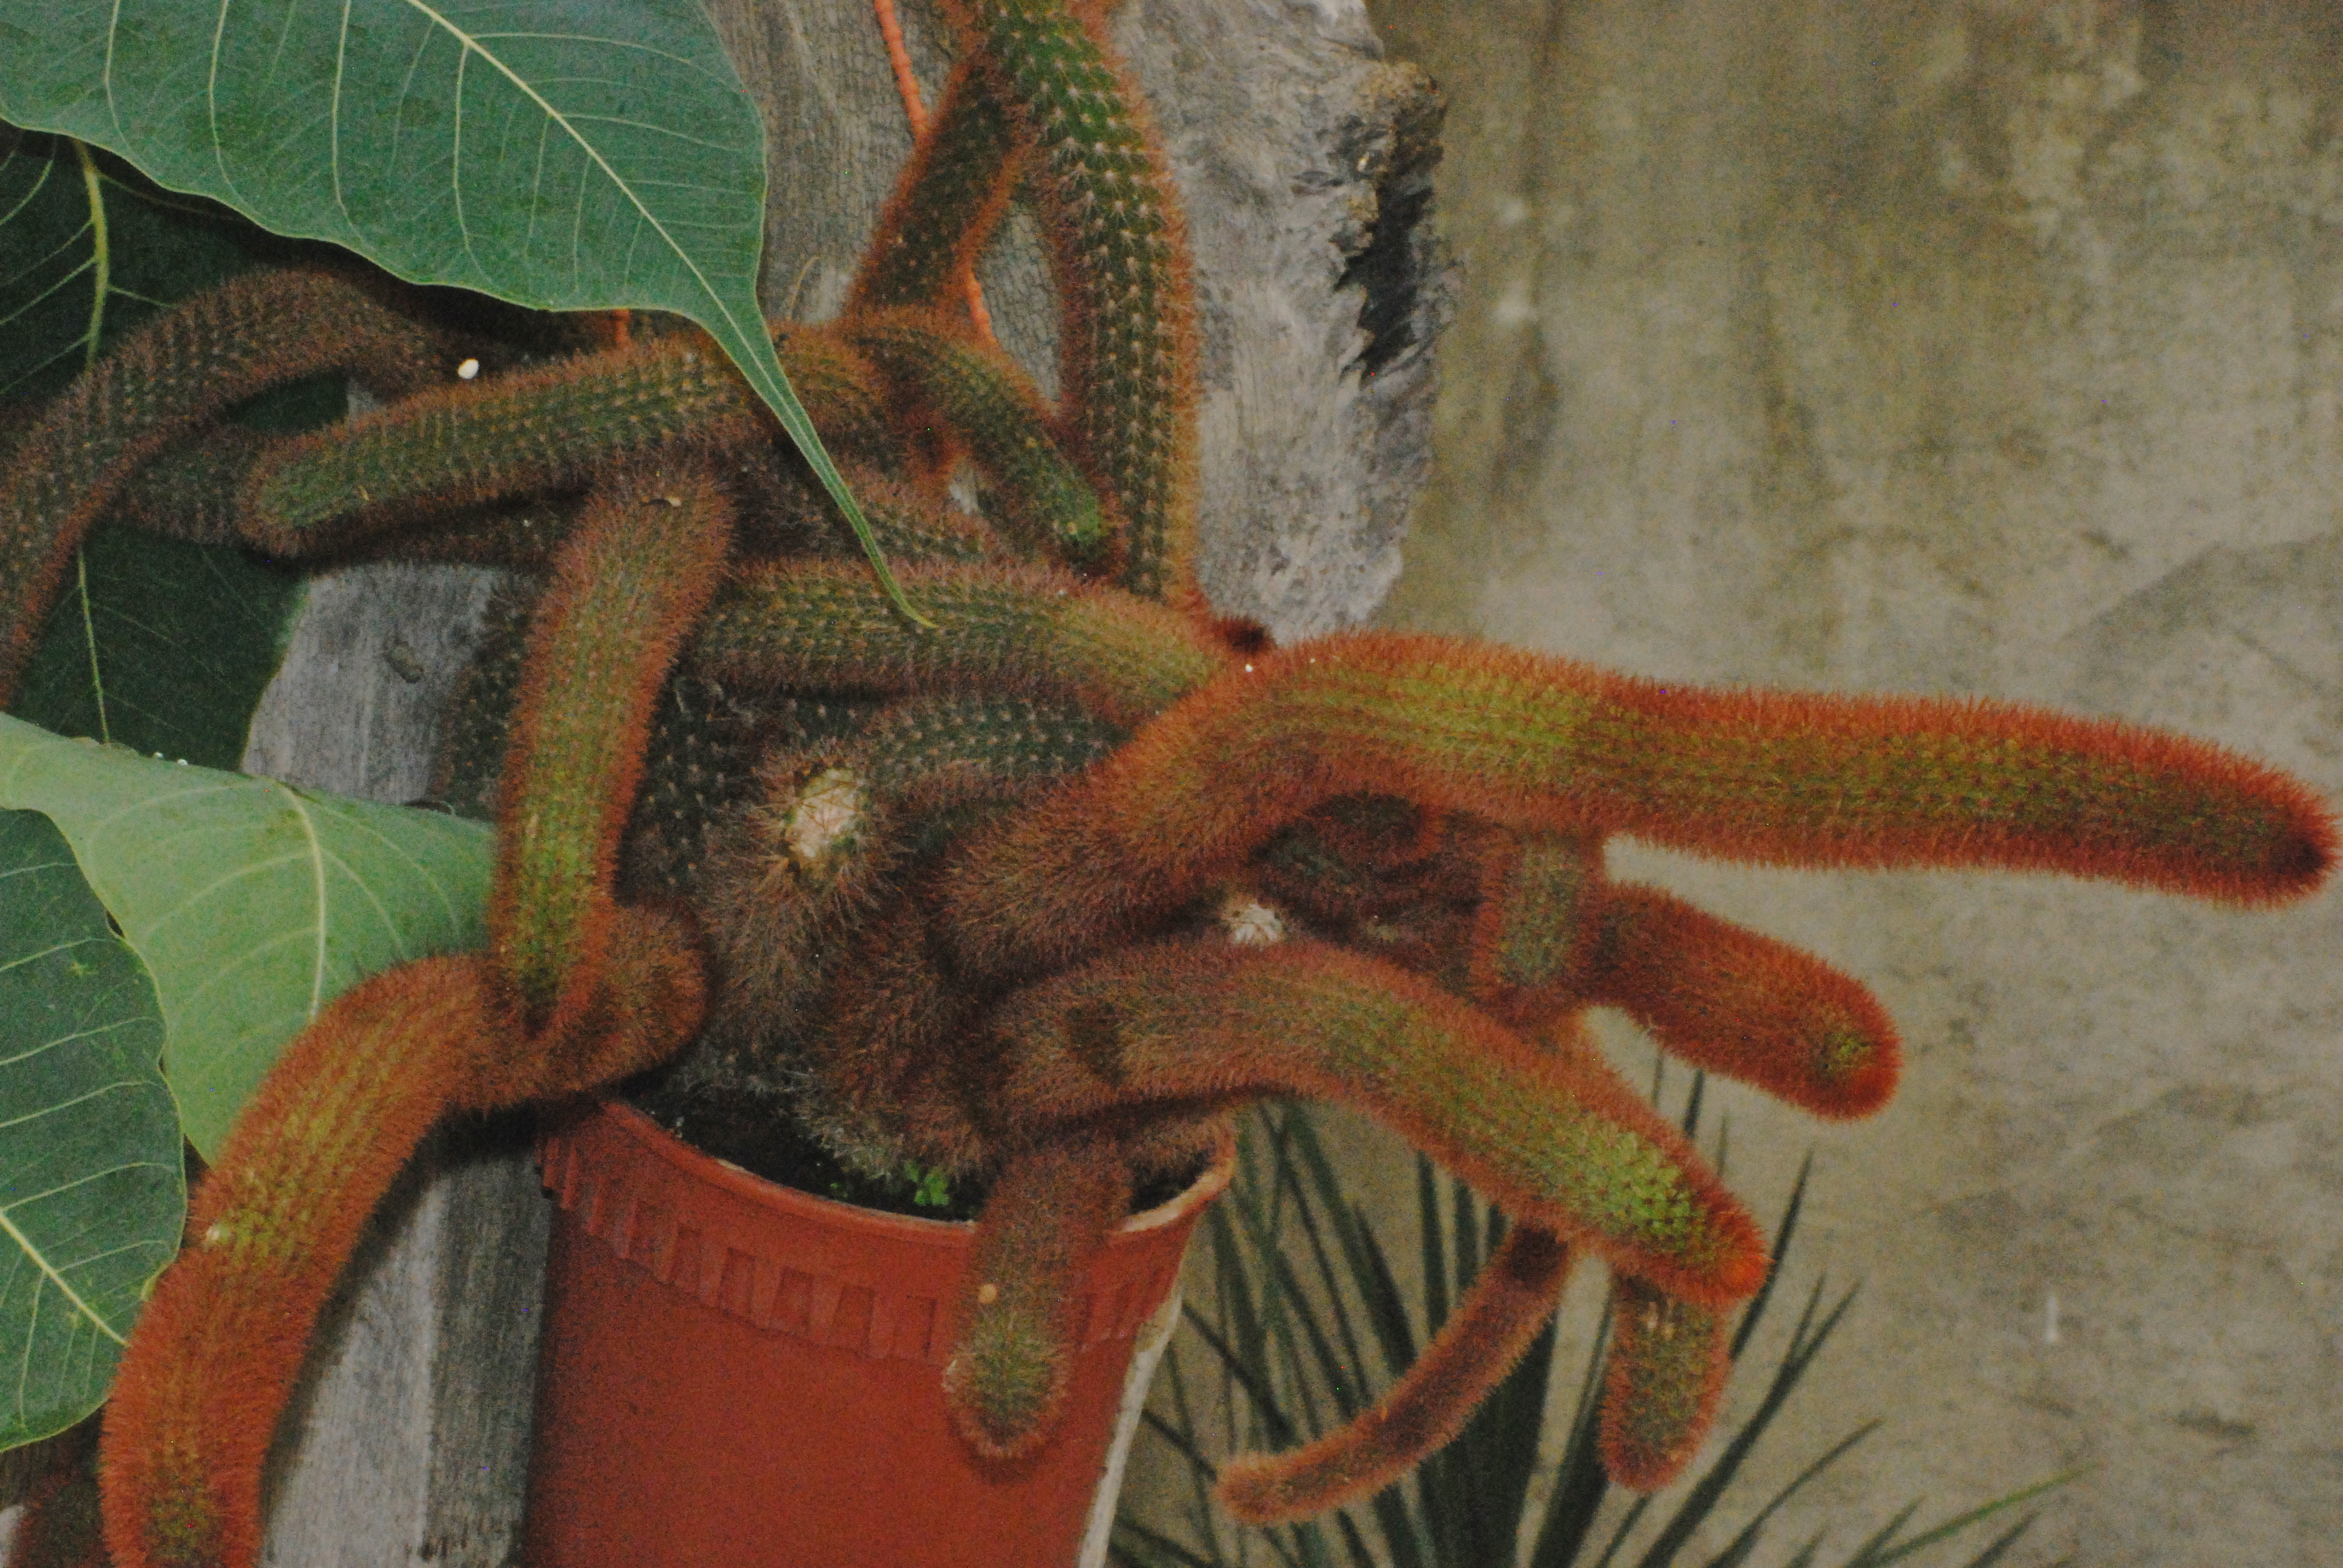 Cactus at Phuket Botanic Garden